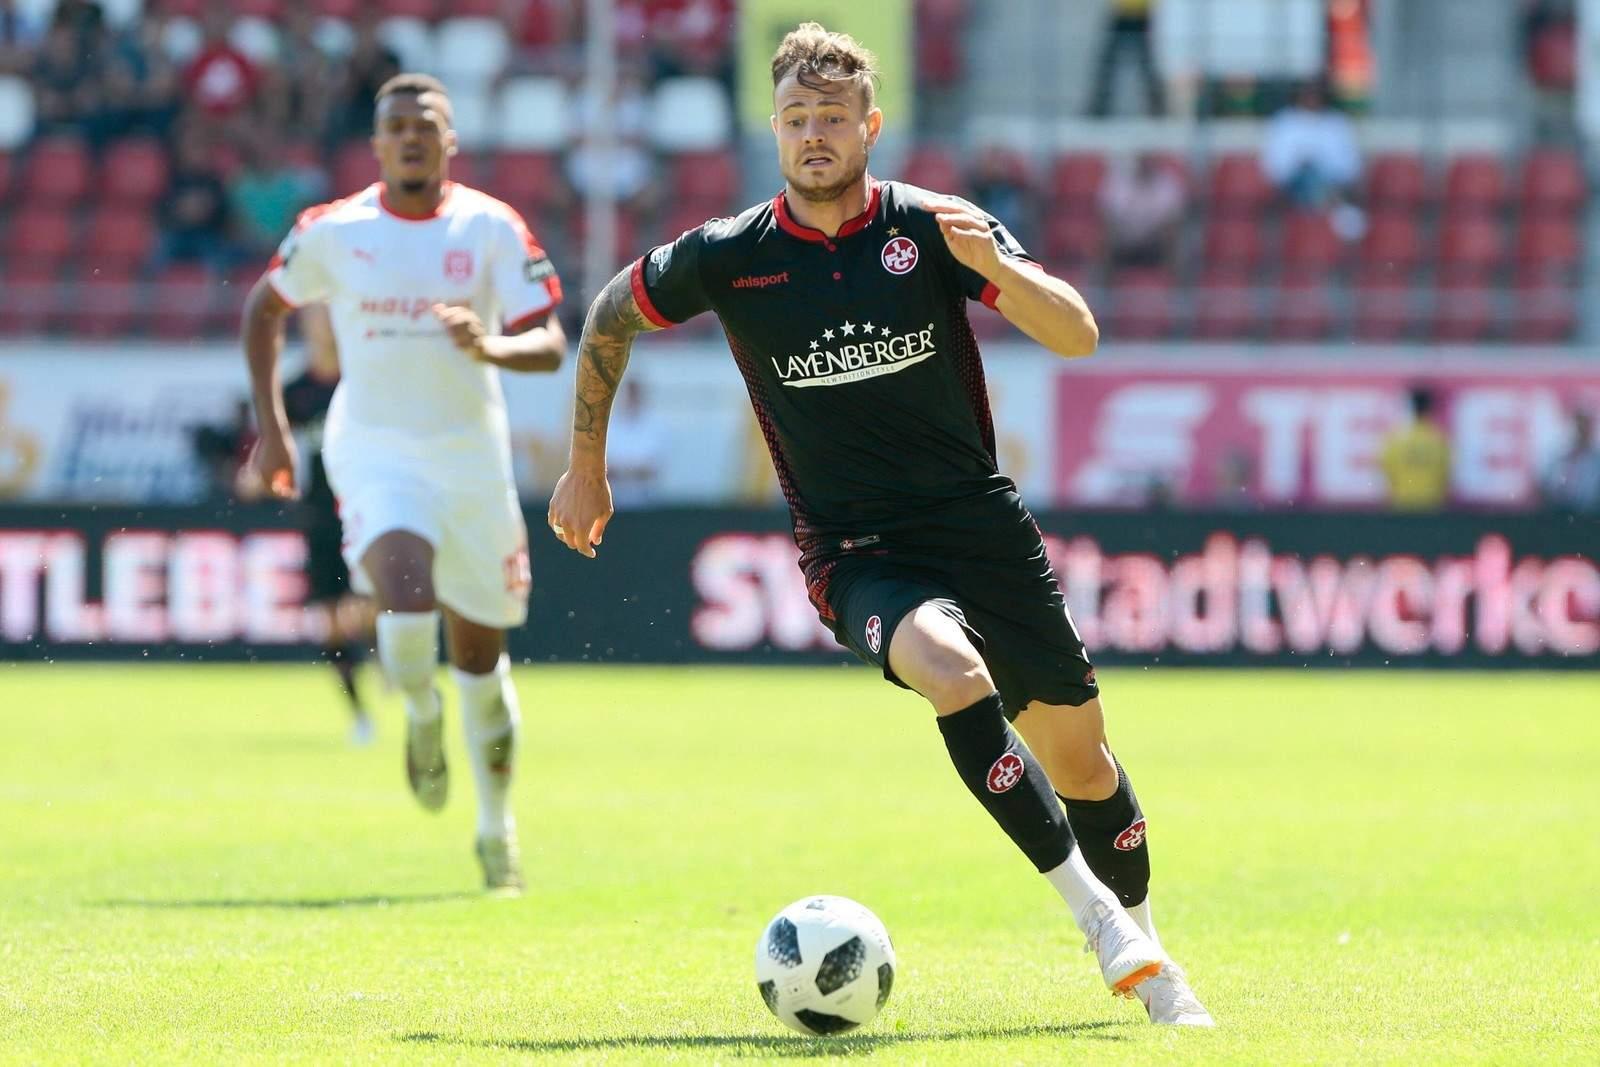 Trifft Timmy Thiele gegen Ex-Klub FCC? Jetzt auf Jena gegen Kaiserslautern wetten.